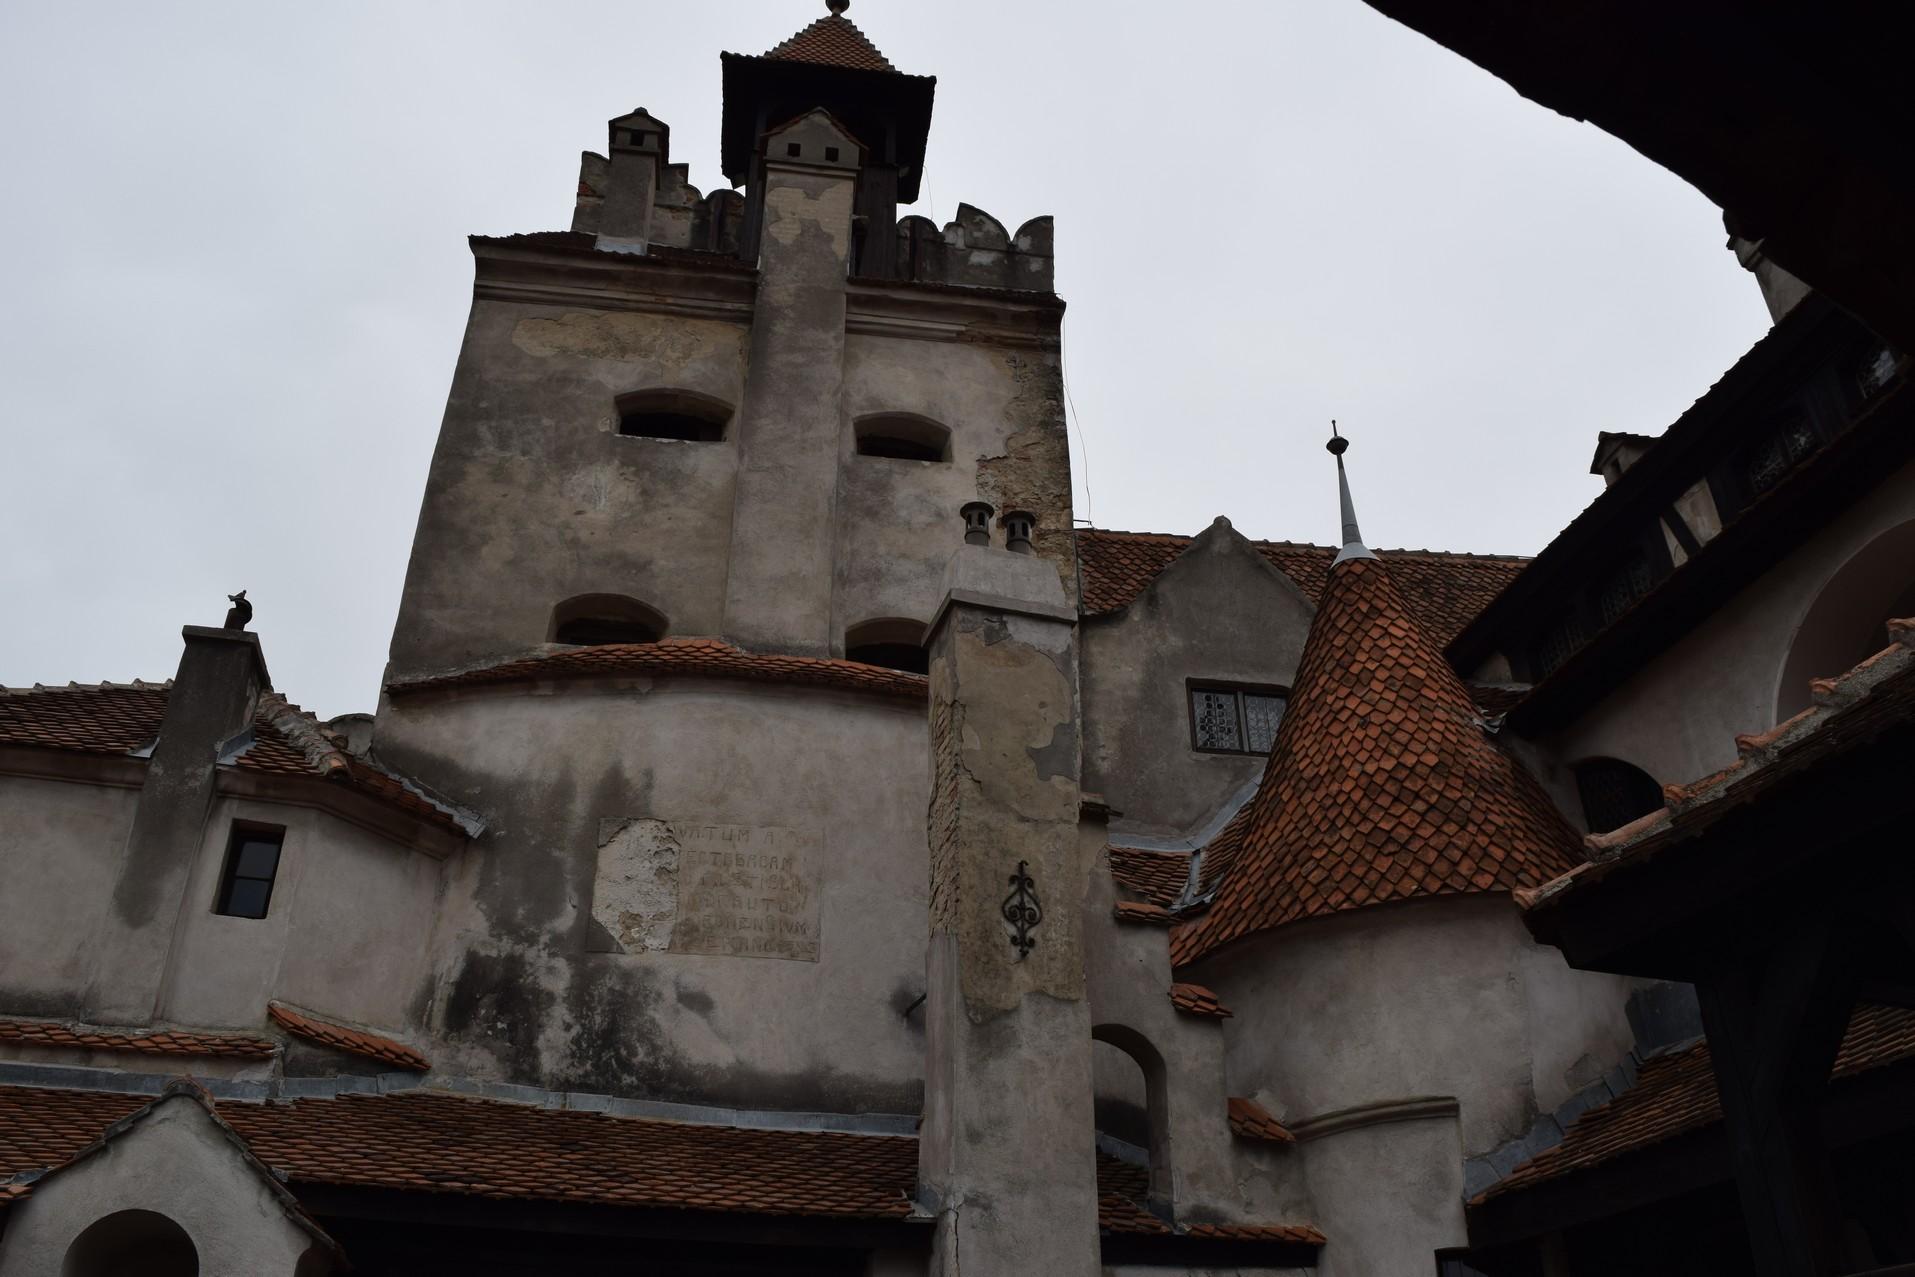 le chateau de ma mere conclusion » cette phrase de pagnol fidèlement restituée par la voix off parfumée à la lavande de jean-pierre darras ouvre le château de ma mère, la suite de la gloire de mon père.